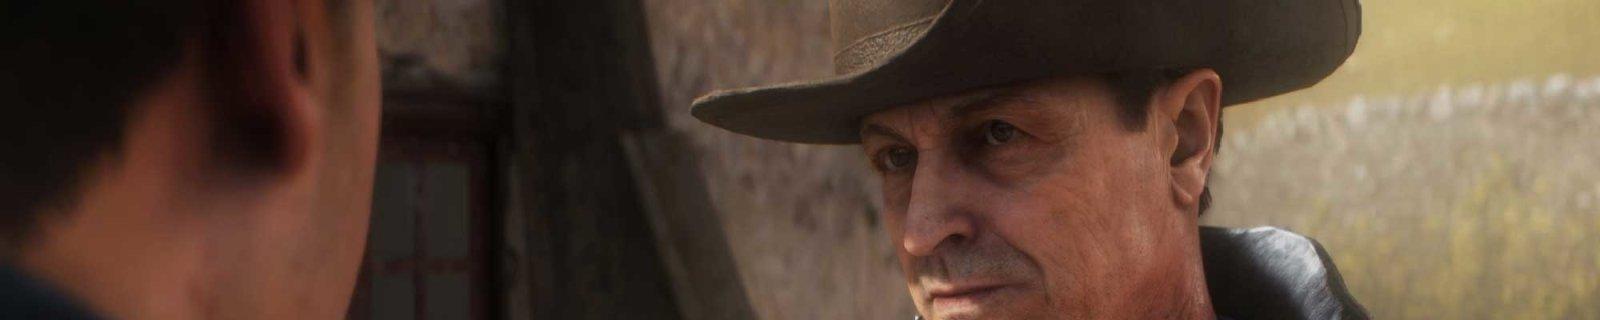 """《战地1》的单机剧情有点过瘾:""""The Runner""""章节剧透"""